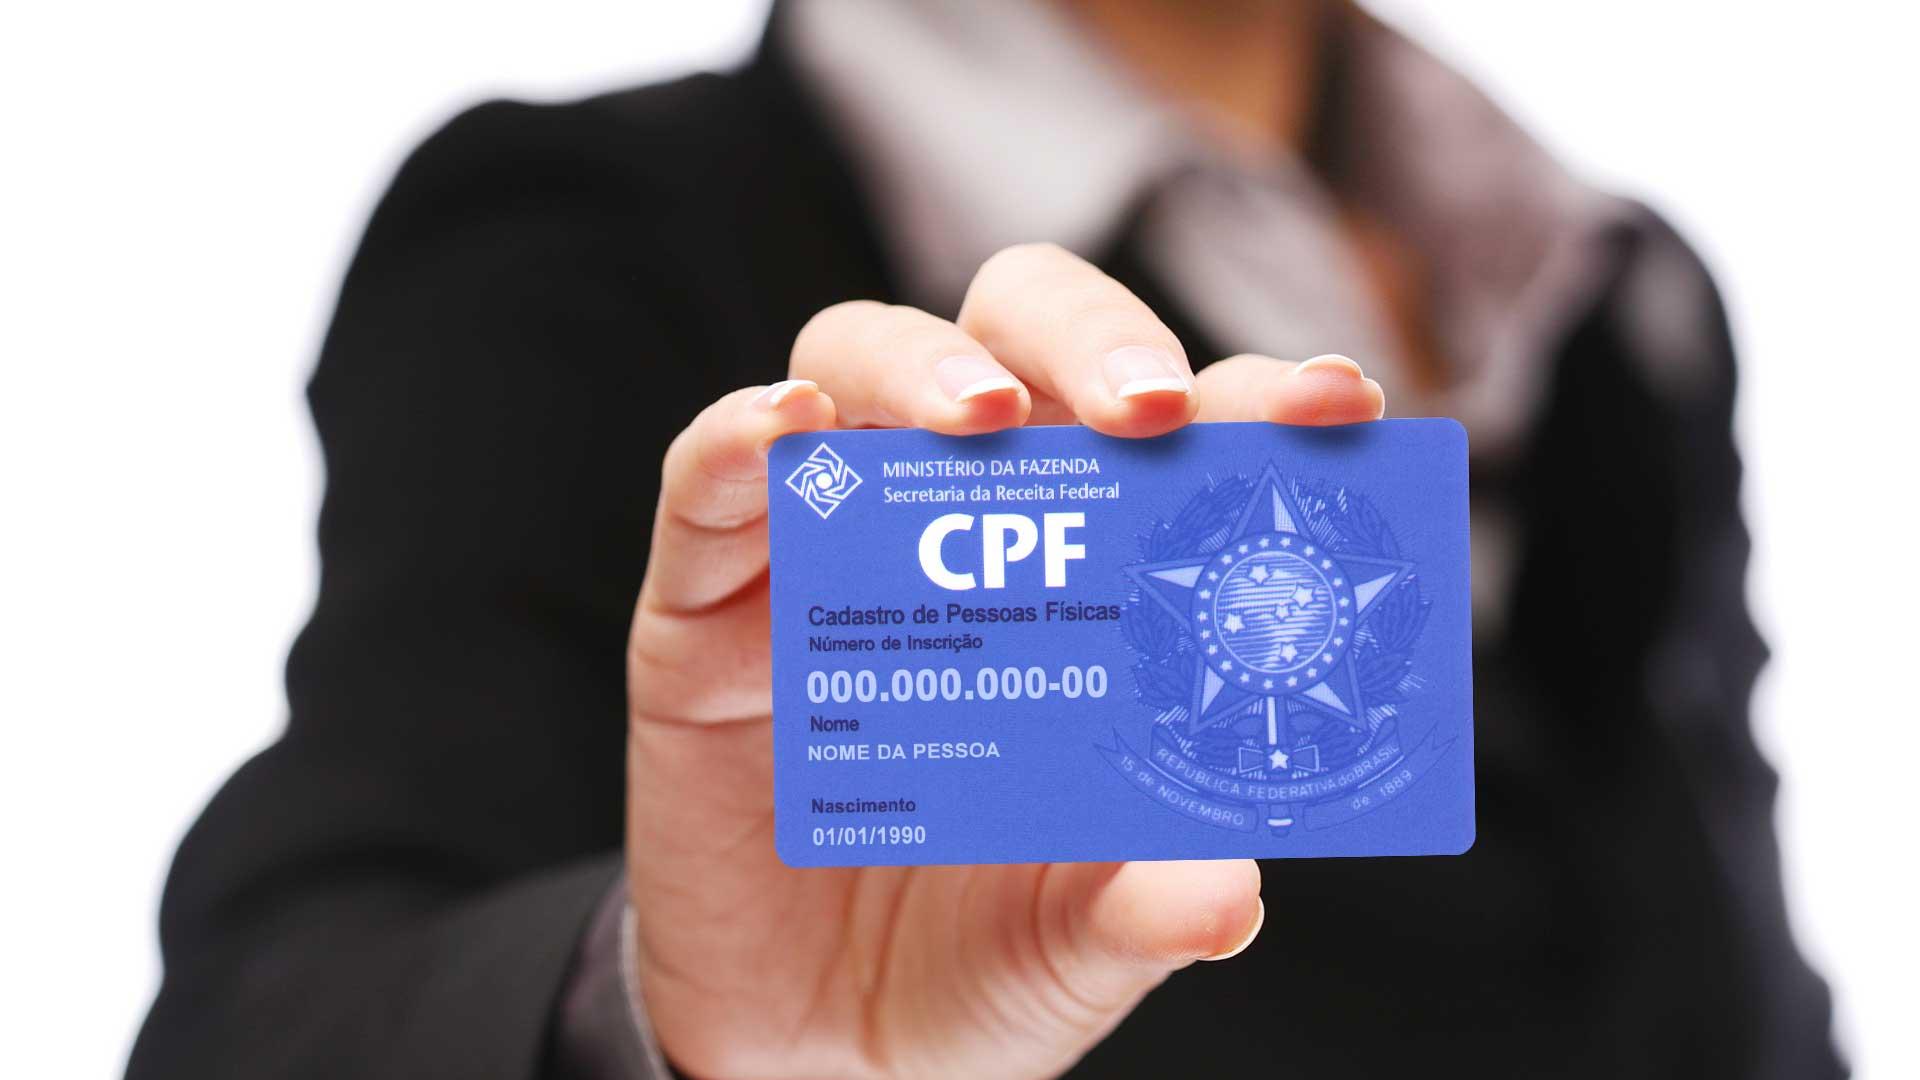 CPF - Lei que torna o CPF suficiente e substitui número de diversos documentos começa a valer hoje